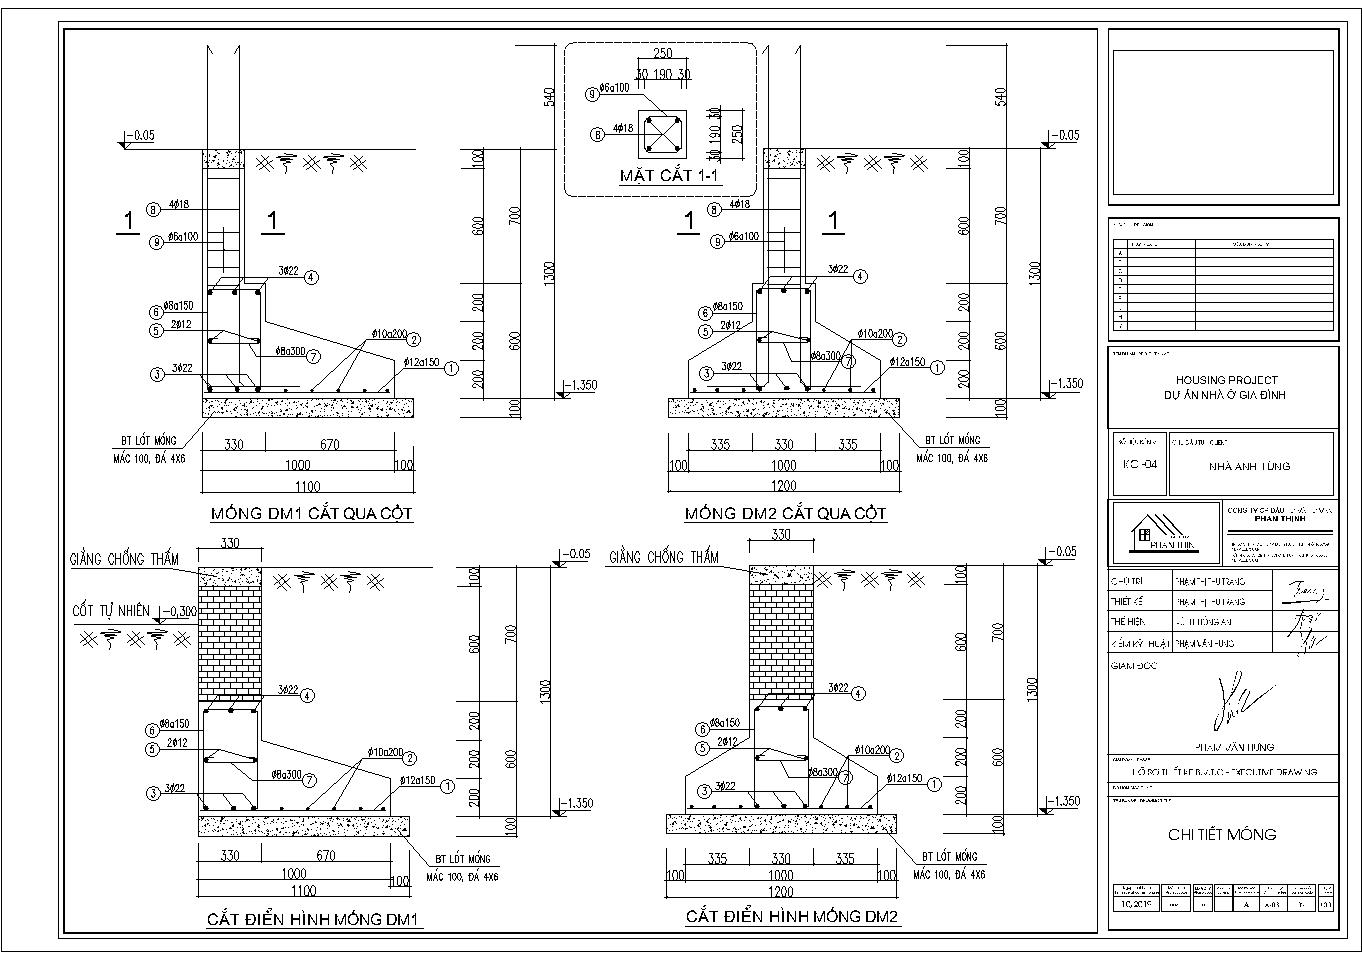 Phần chi tiết móng băng nhà 2 tầng ở Quảng Ninh